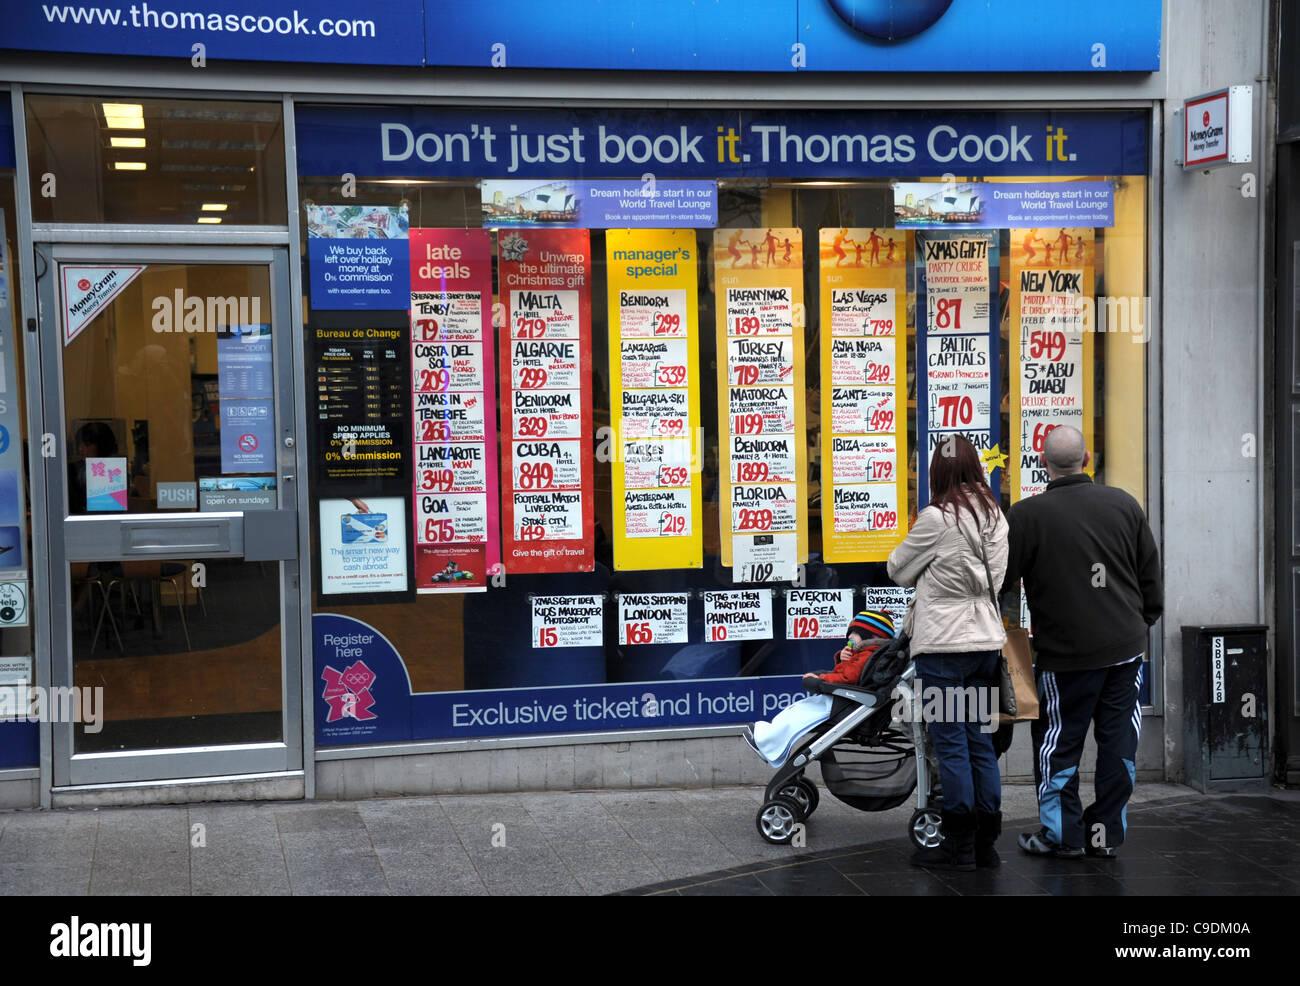 Les agents de voyages Thomas Cook shop, la Grande-Bretagne, Royaume-Uni Photo Stock